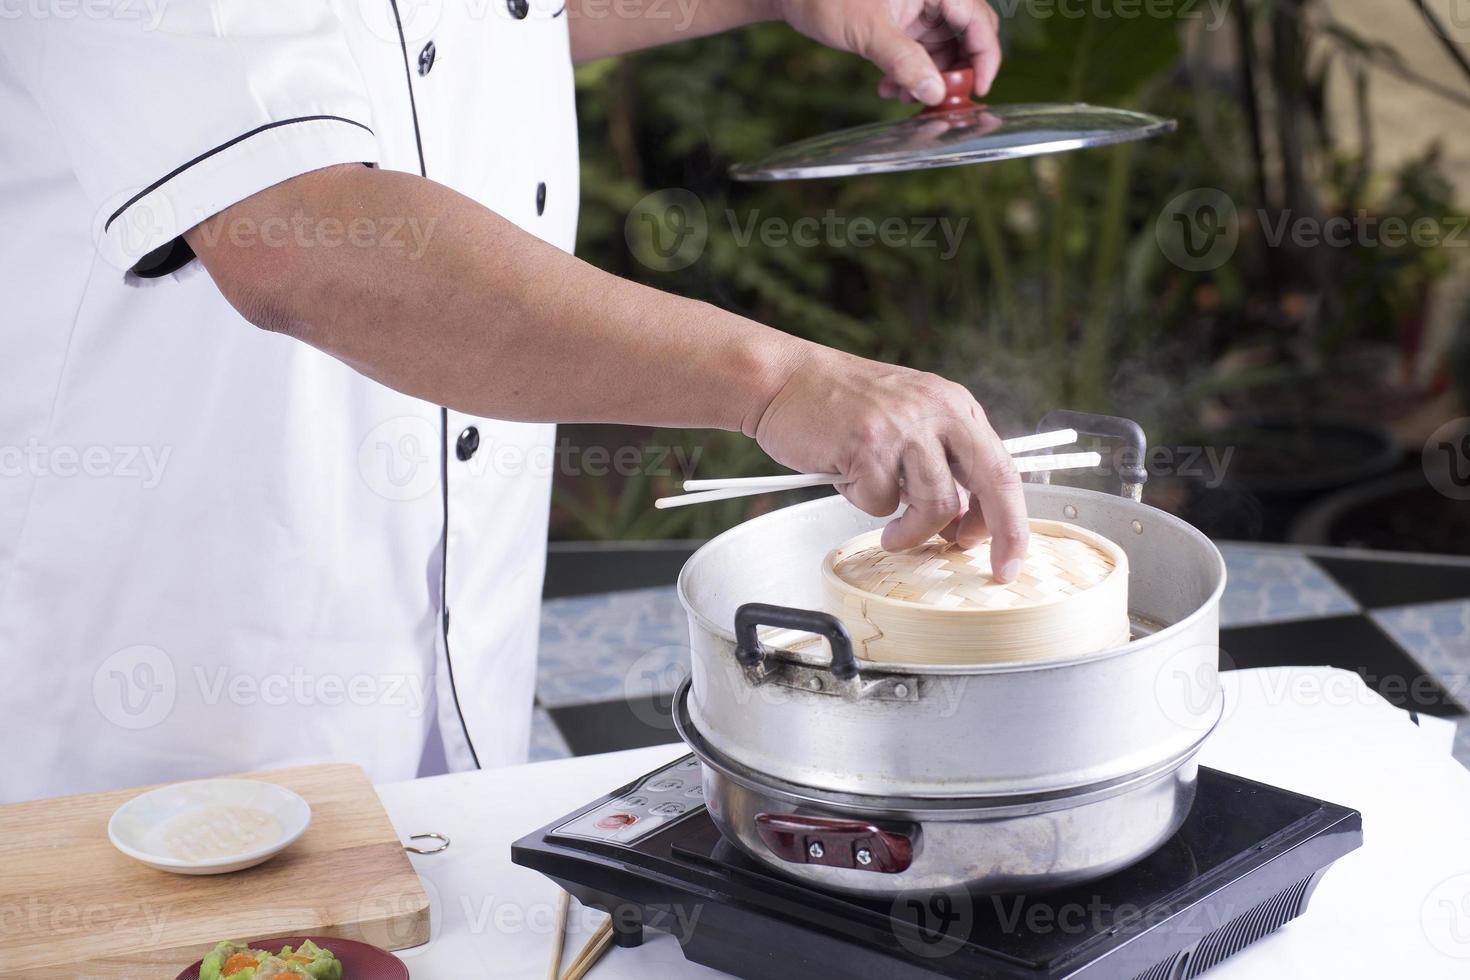 chef apertura coperchio del cestino di bambù foto